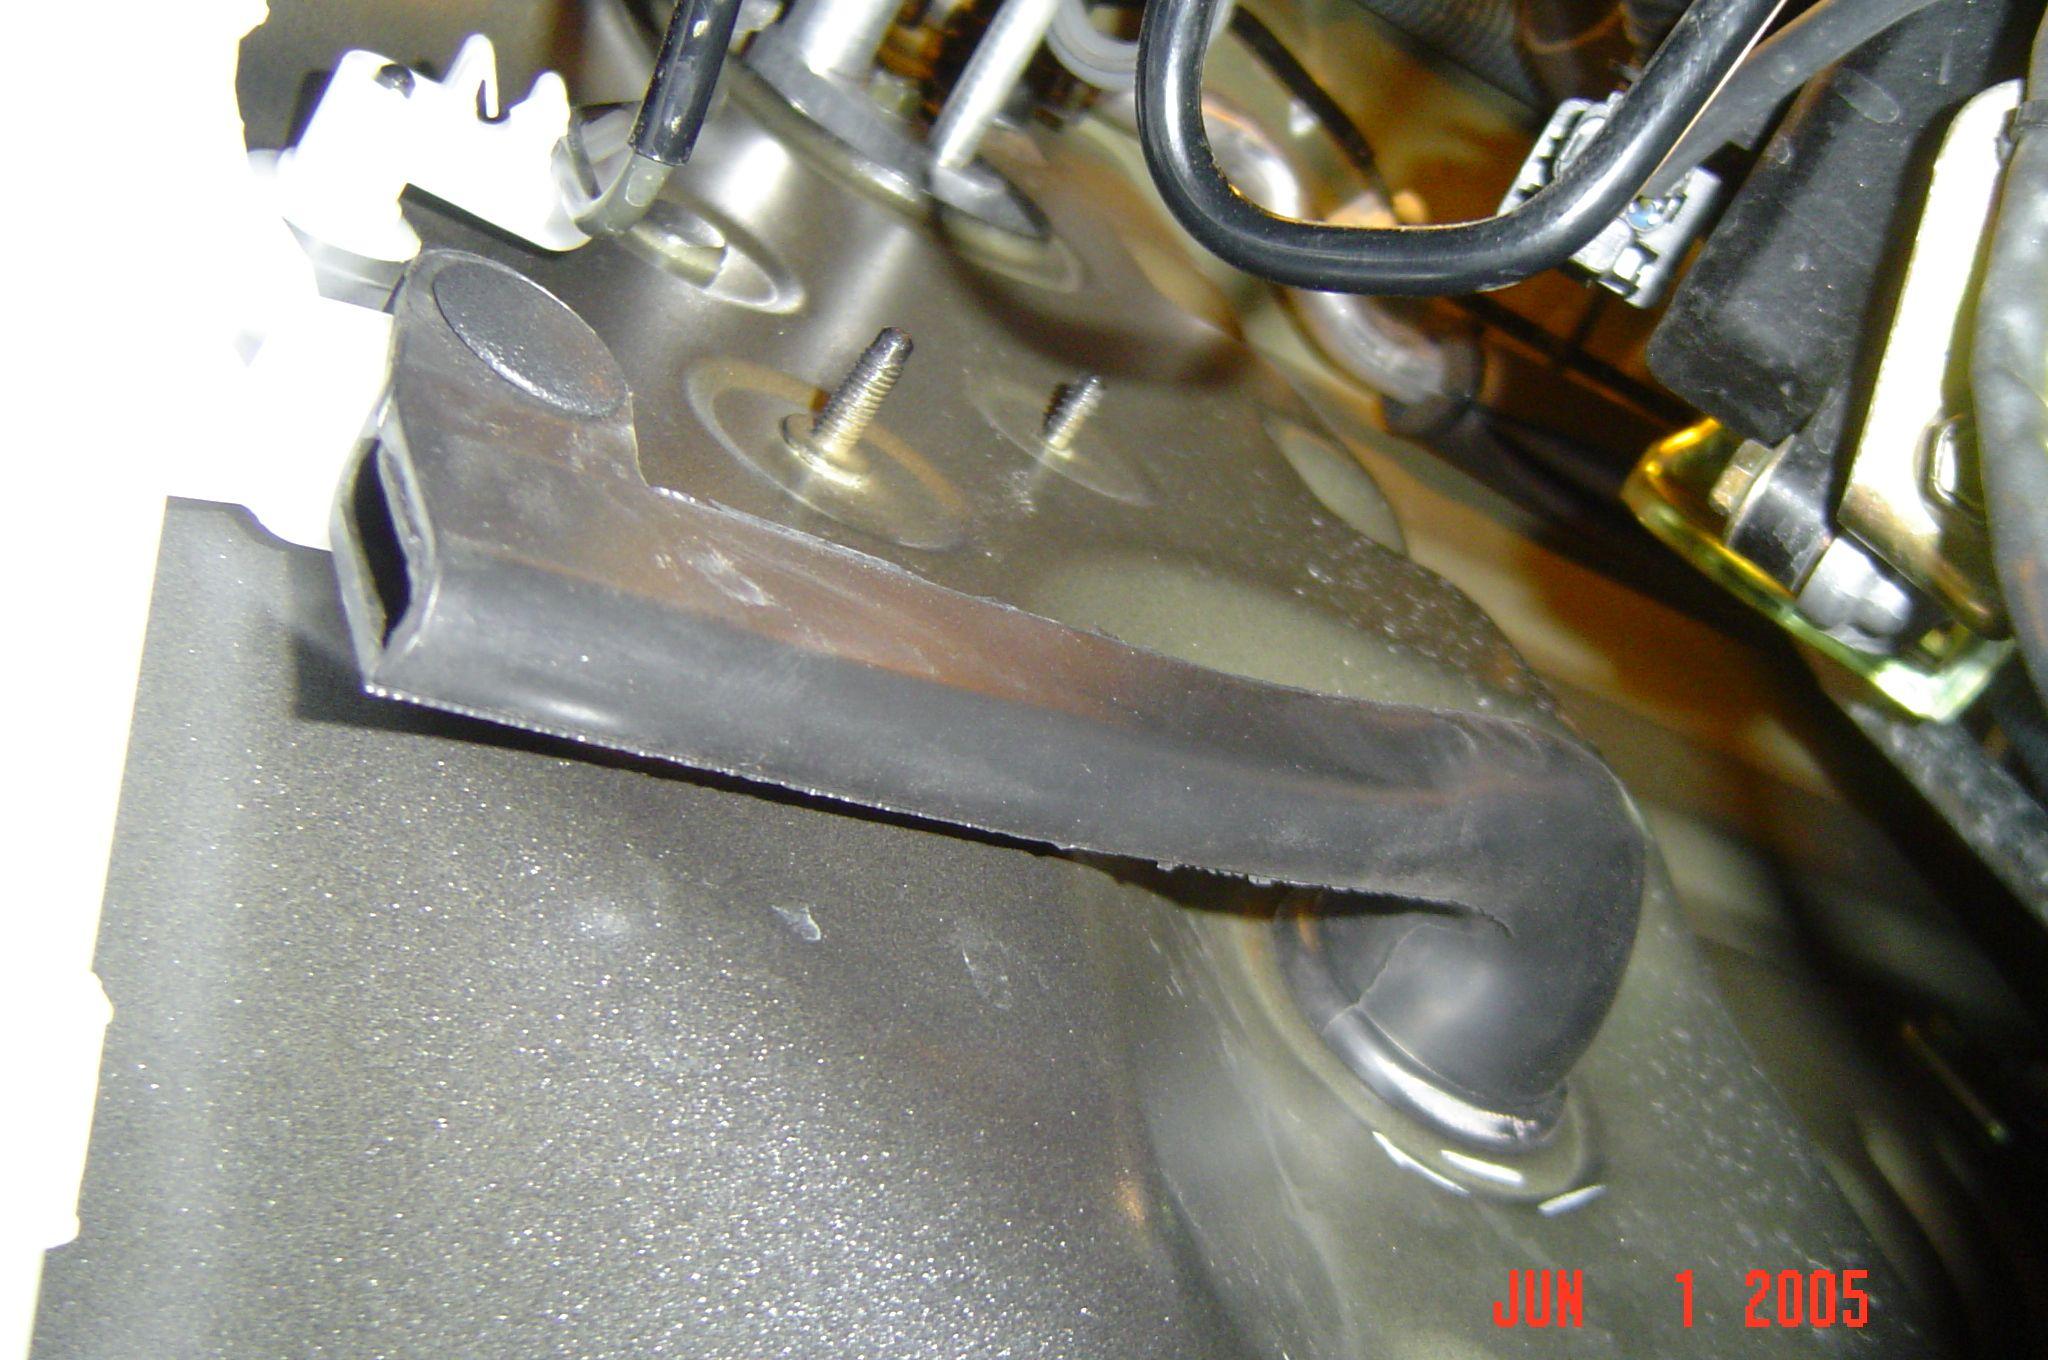 A/C drain repair questions...-dsc01019.jpg